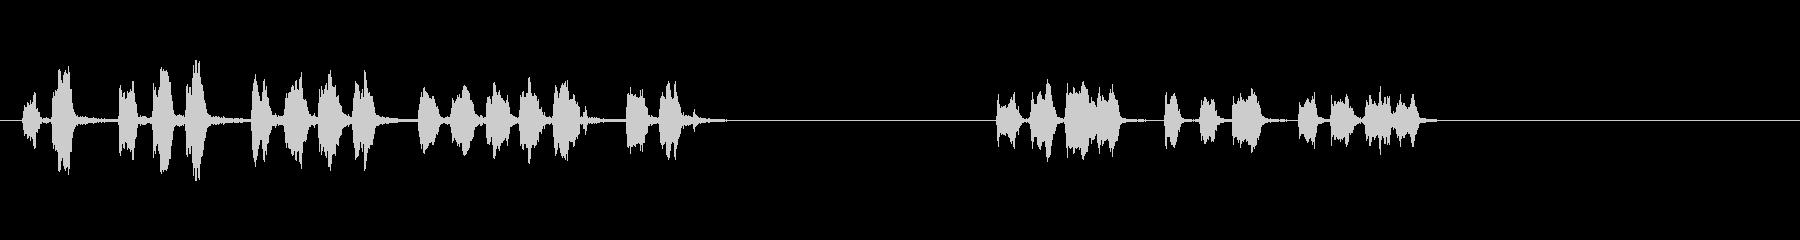 オン・デ・マールの未再生の波形